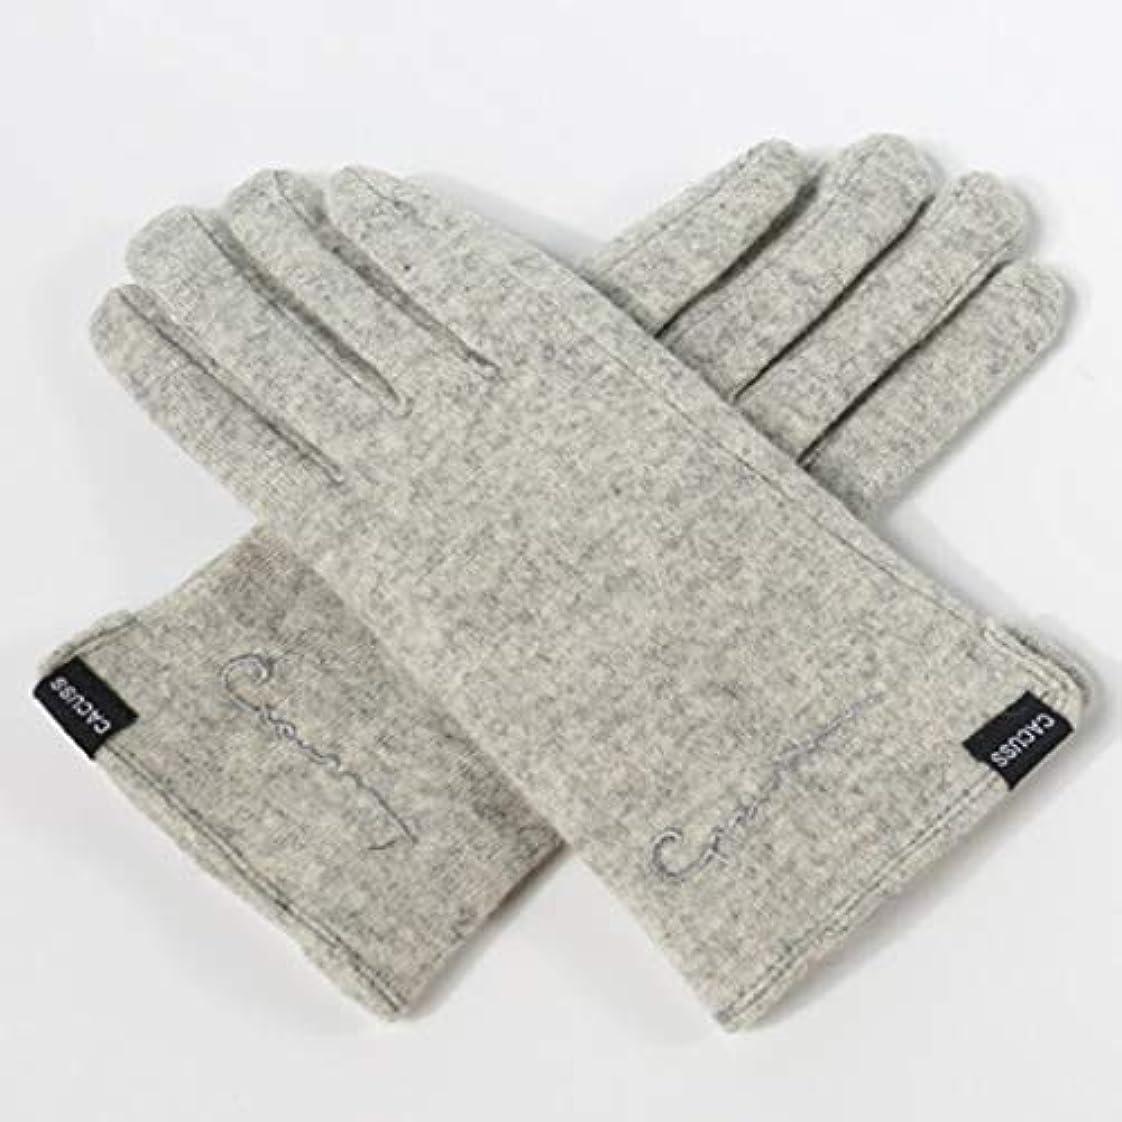 カニ感度復活させる手袋女性の冬のタッチスクリーンのファッション暖かく快適なポイントは、乗馬を厚くする (色 : Gray)